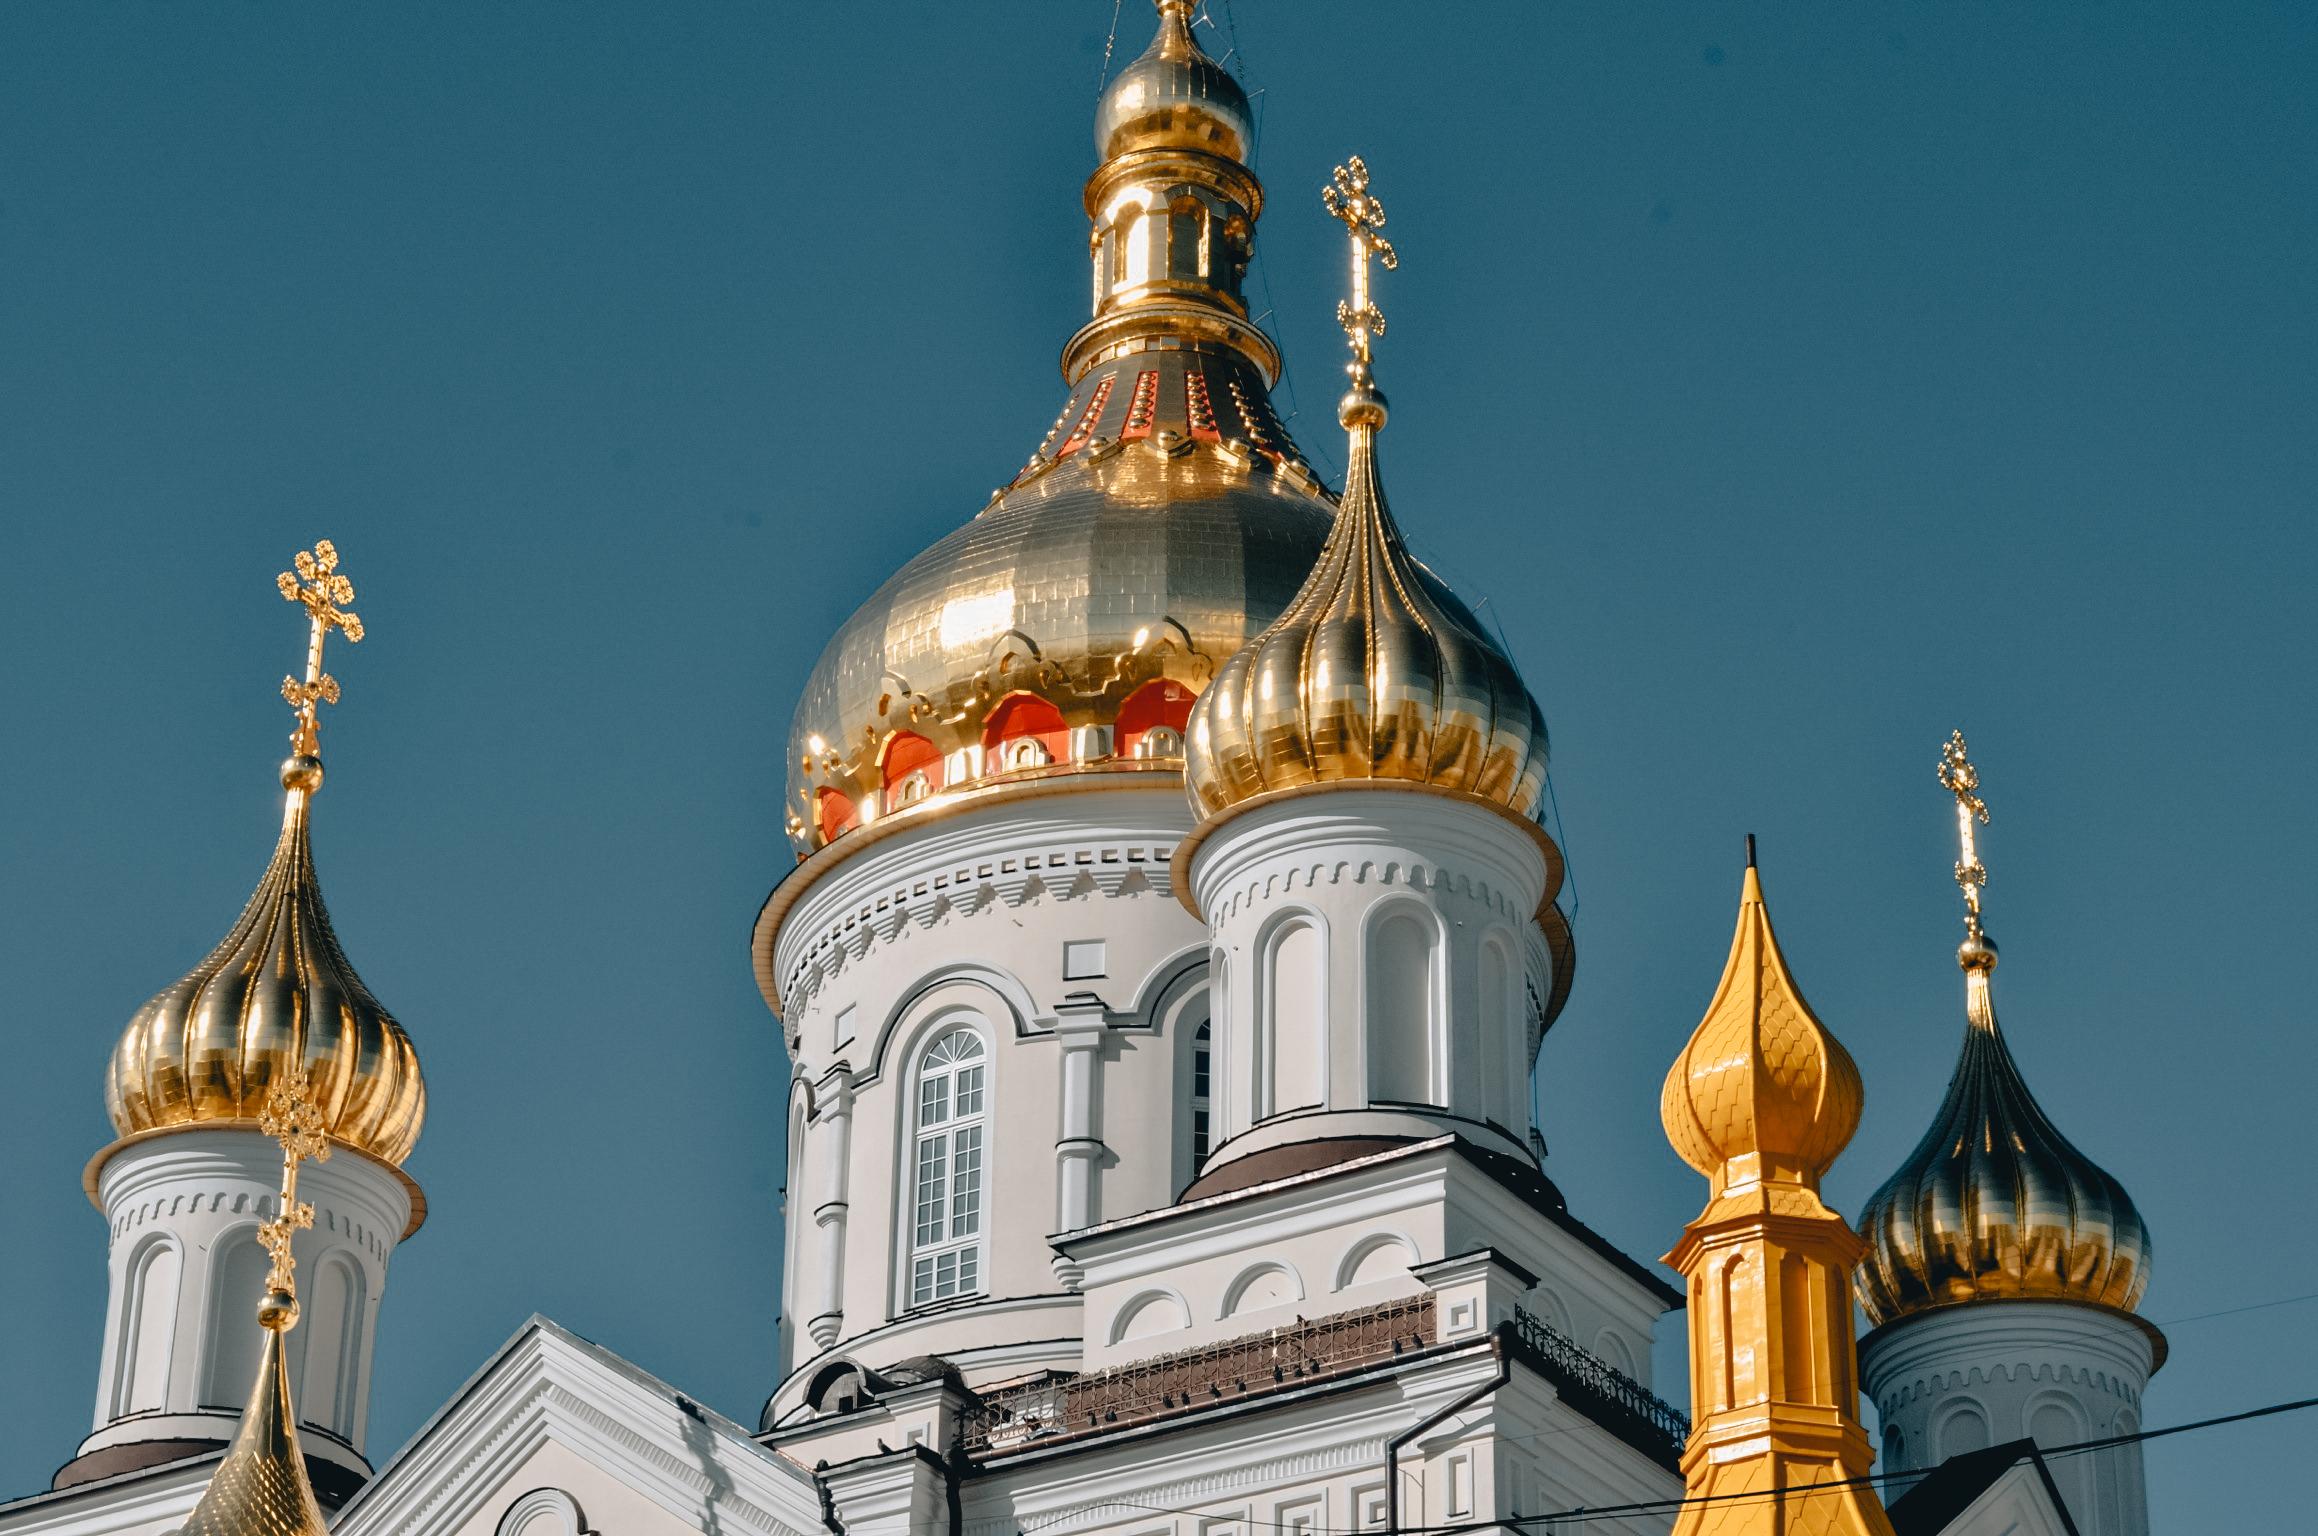 ukraine-in-spring_13193501985_o.jpg